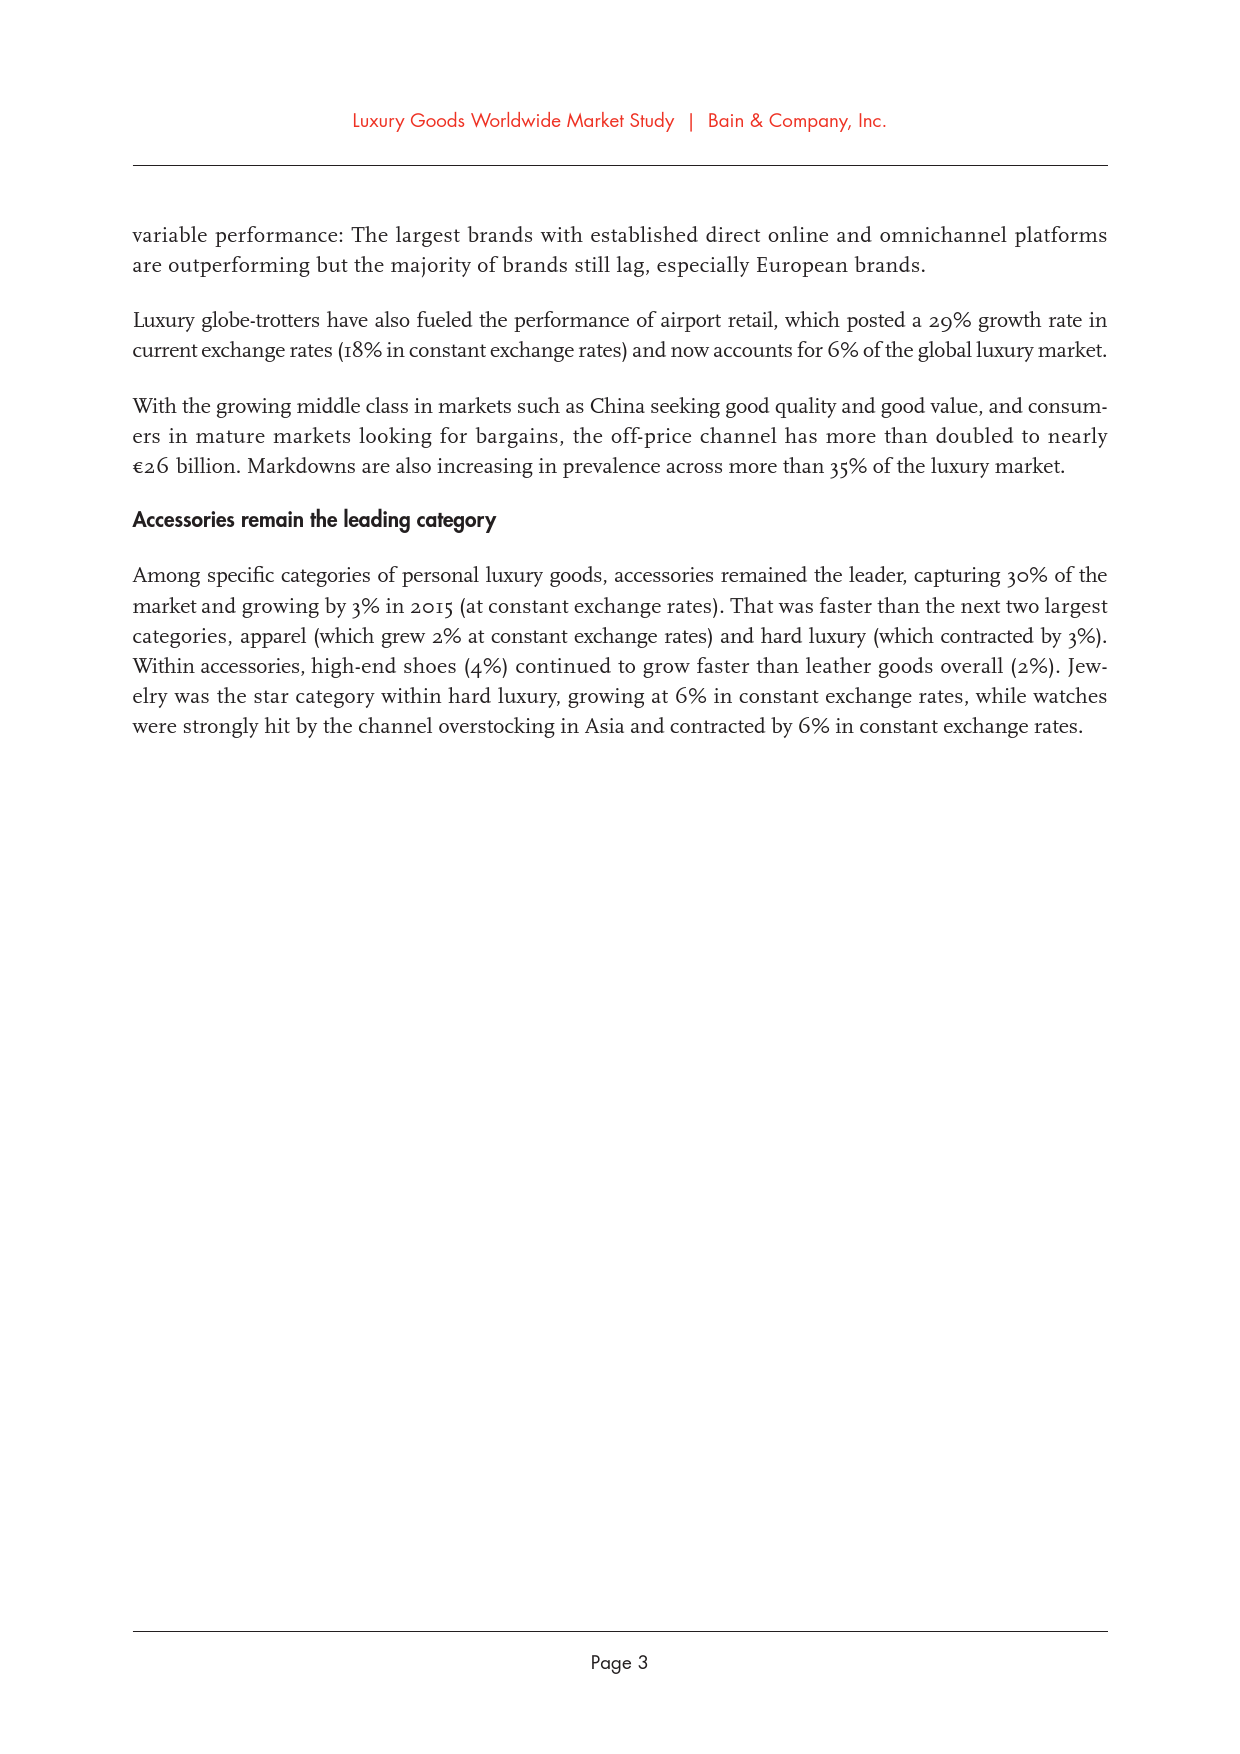 2015年全球奢侈品市场研究_000007